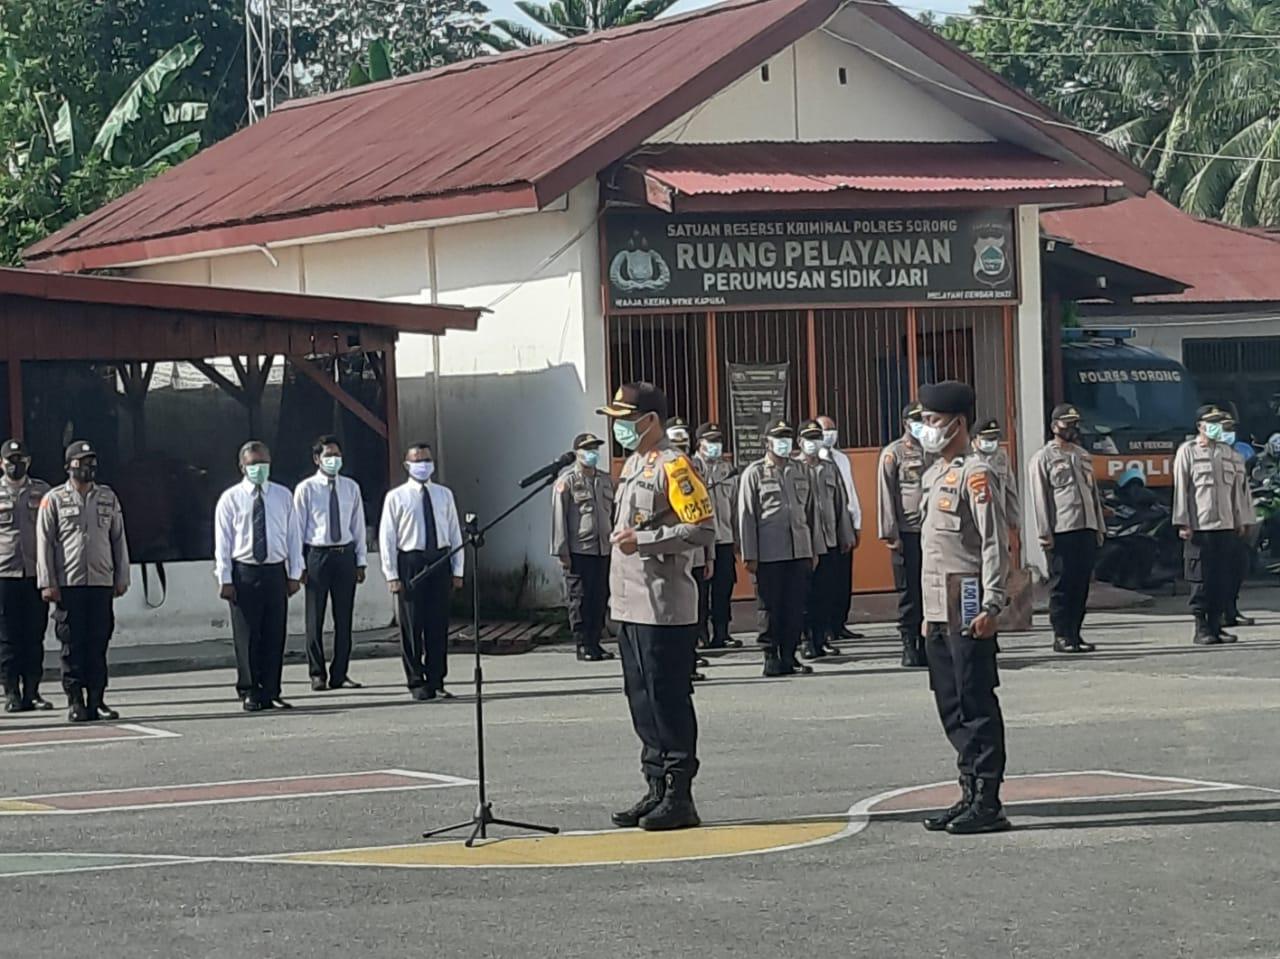 Kapolres Sorong AKBP. Robertus A. Pandiangan, S. Ik, MH, pimpin Kegiatan Apel Skala Besar (Konsolidasi Kekuatan)